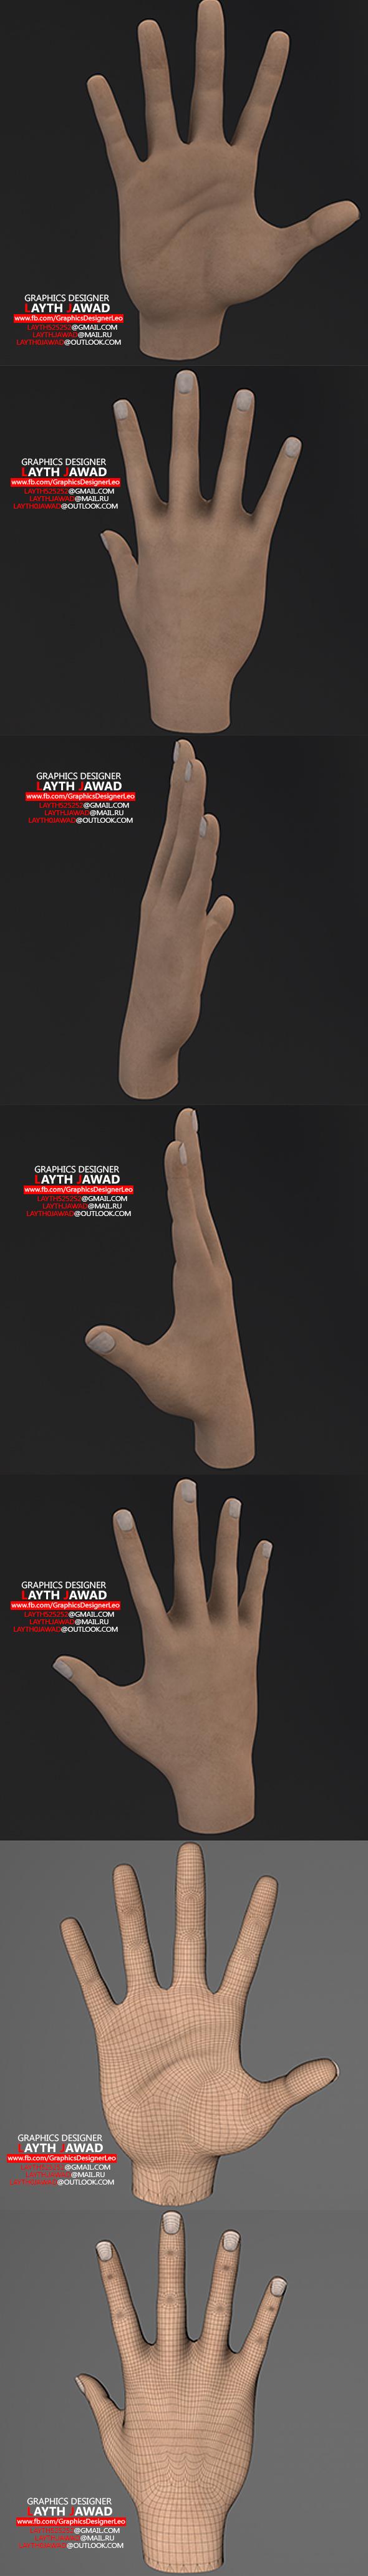 3DOcean hand 3D model 21011324